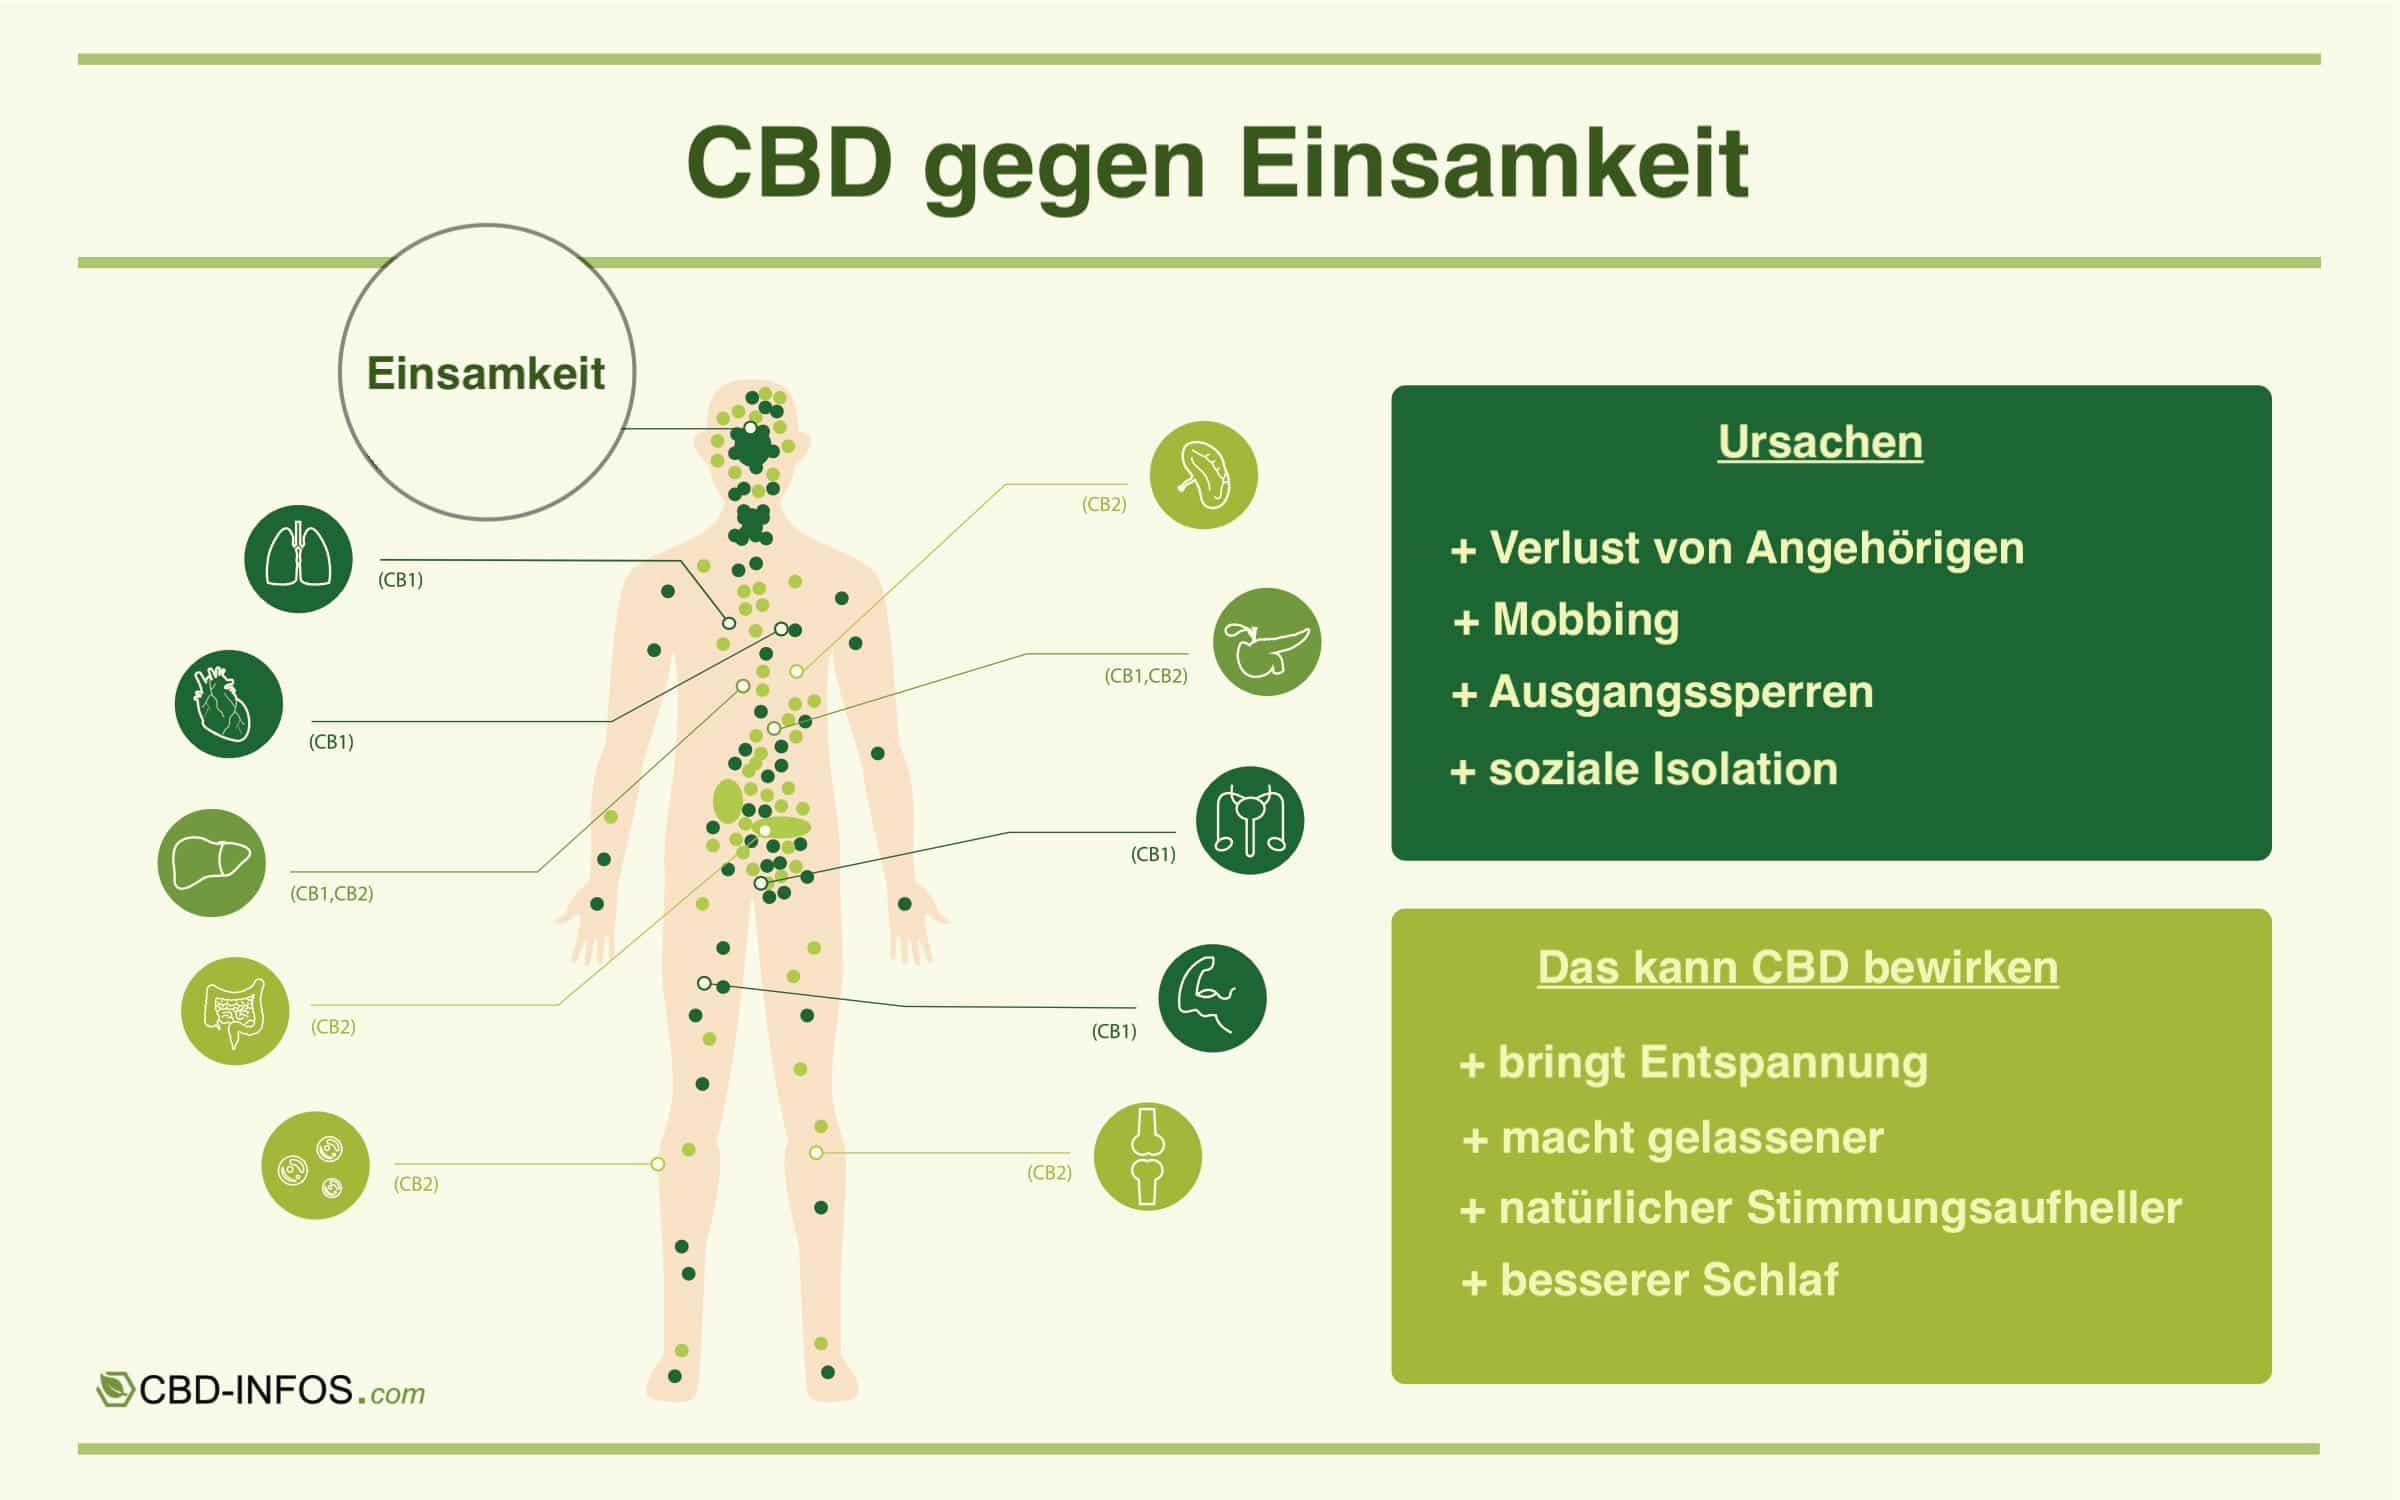 Infografik: CBD gegen Einsamkeit von CBD-Infos.com - Julia Teichmann